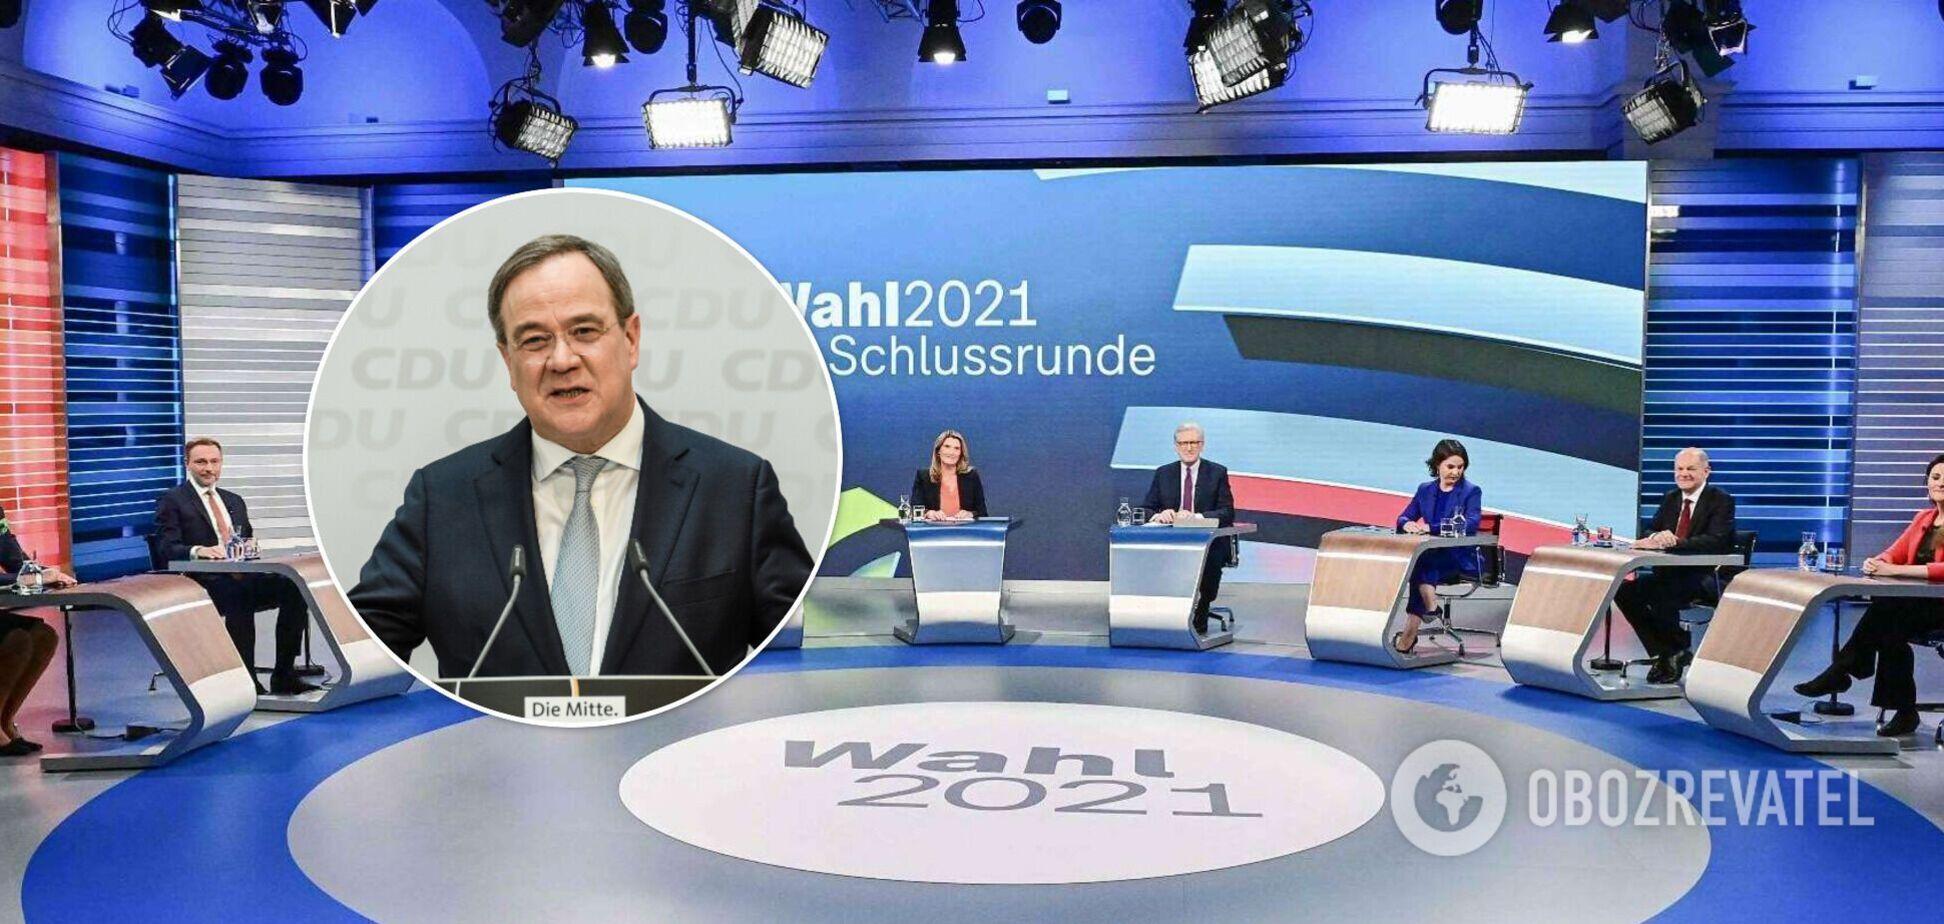 Соратник Меркель выступил за запуск 'Северного потока-2'